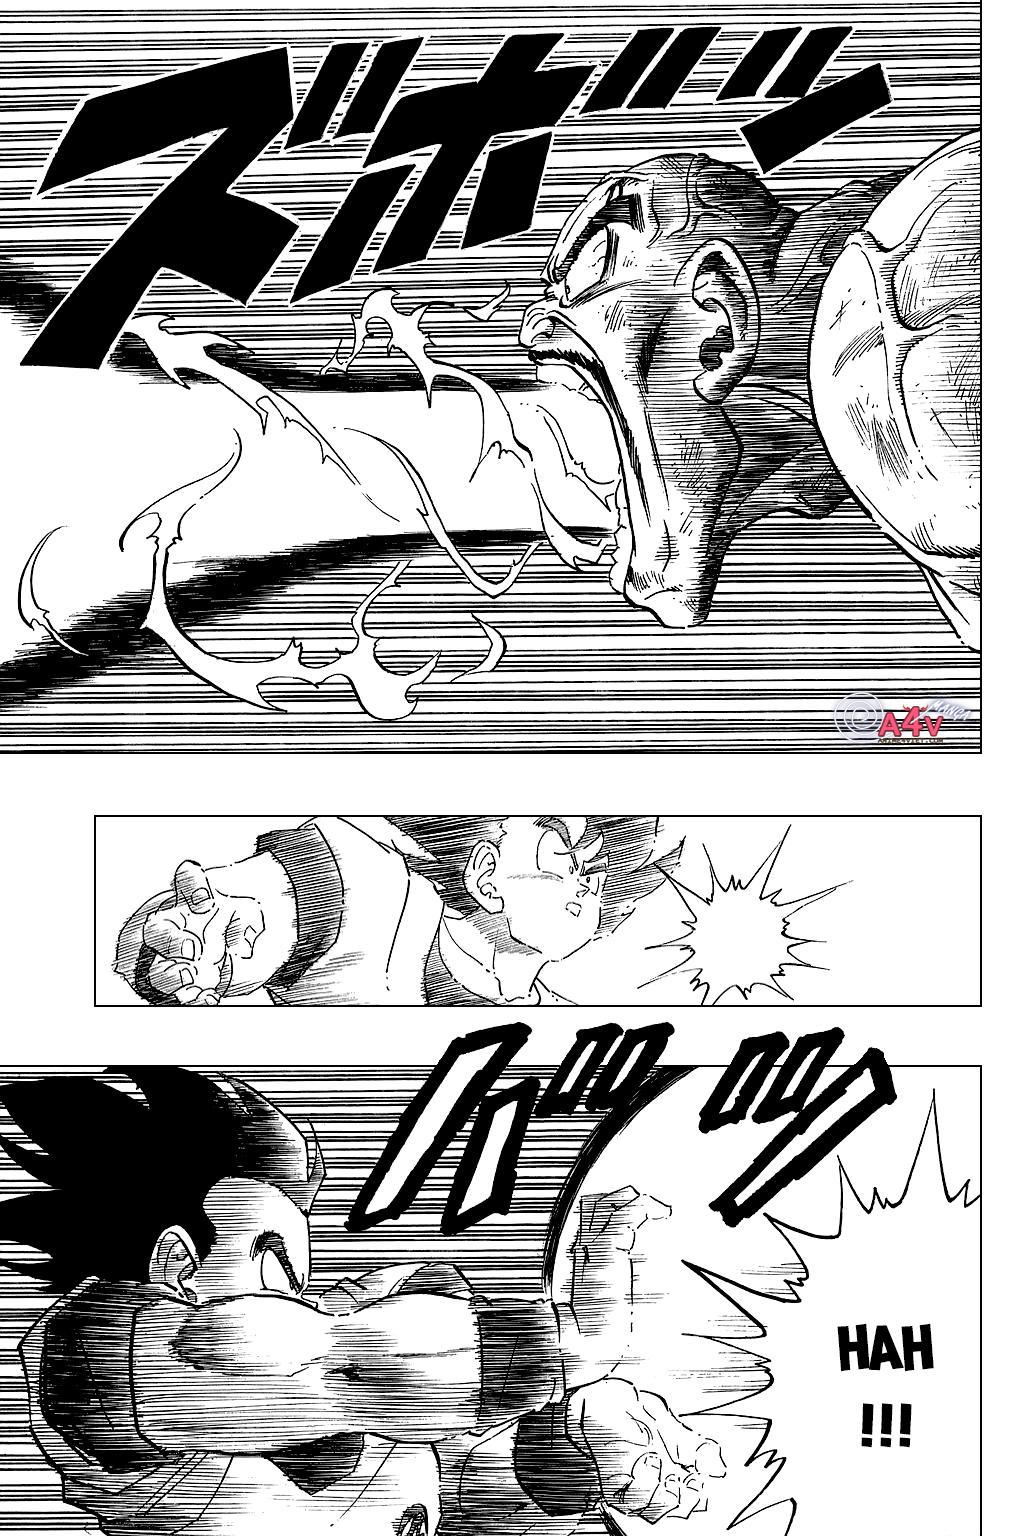 xem truyen moi - Dragon Ball - 7 Viên Ngọc Rồng - Chapter 226